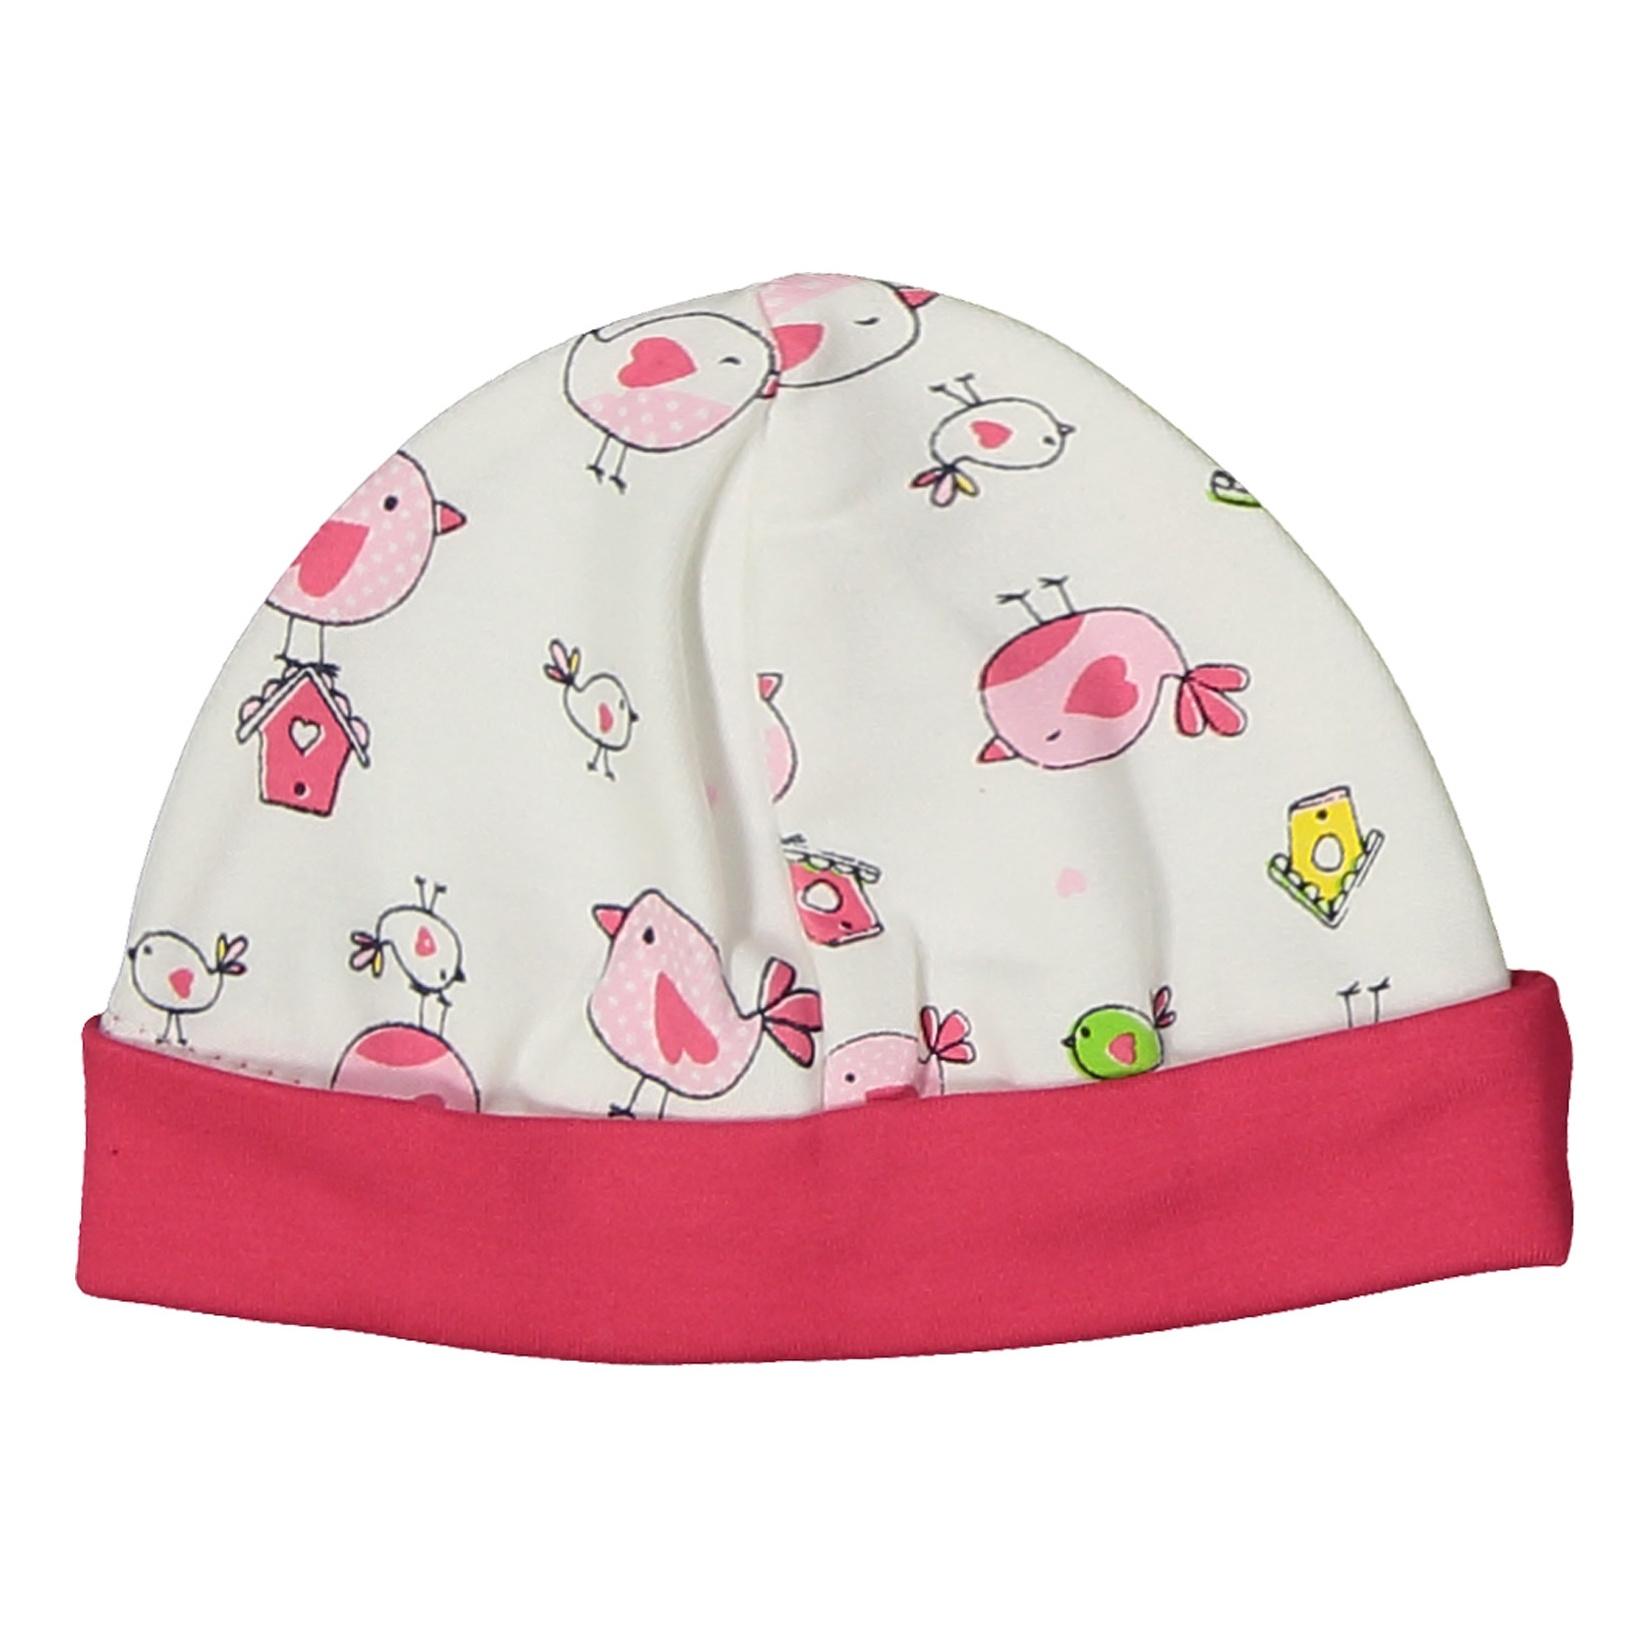 ست سرهمی و کلاه نوزادی آدمک مدل 2171103-88